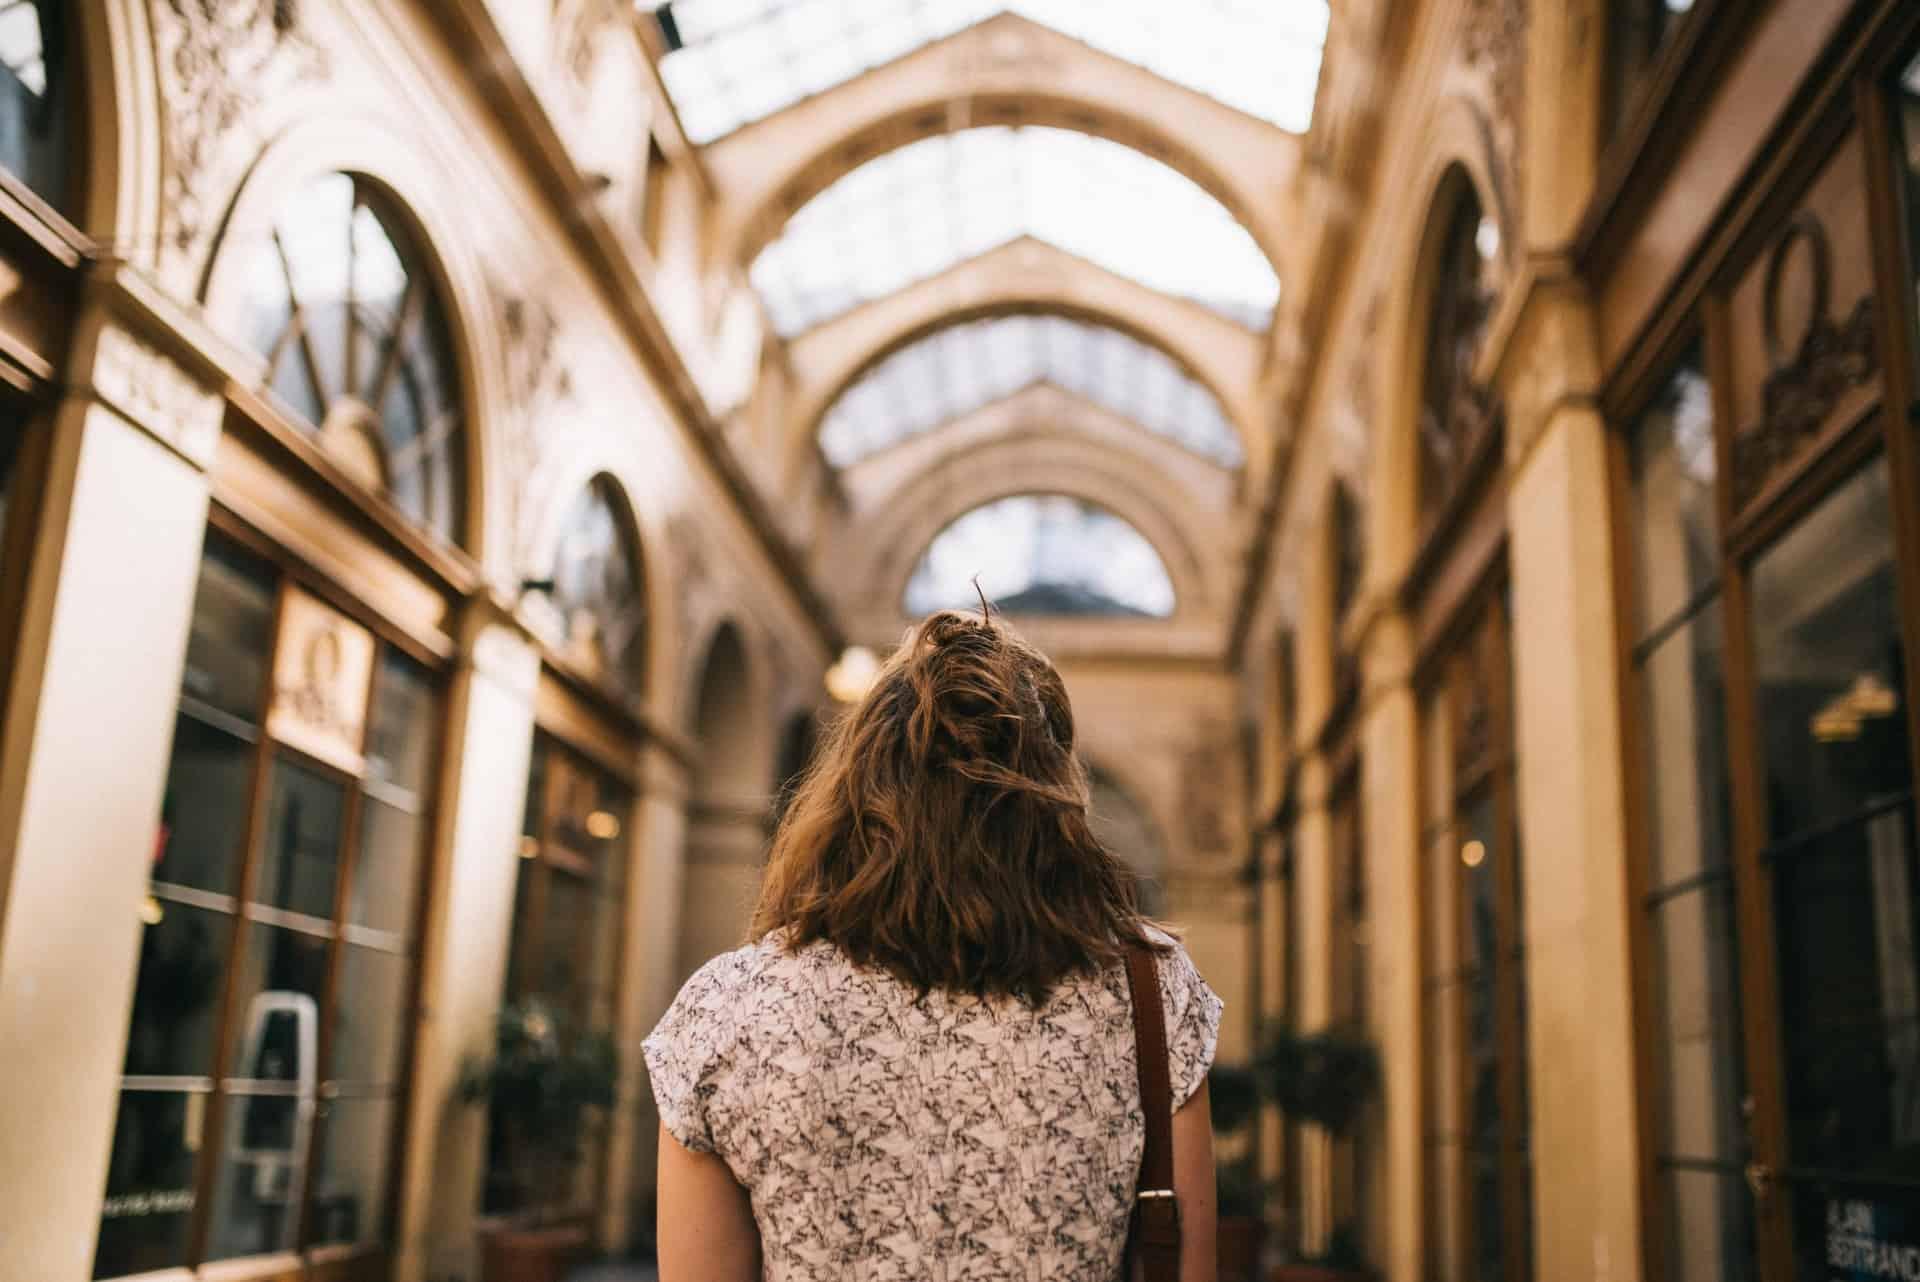 pourquoi quitter paris changer de vie reconversion professionnelle bilan de compétences négocier une rupture conventionnelle formation courte